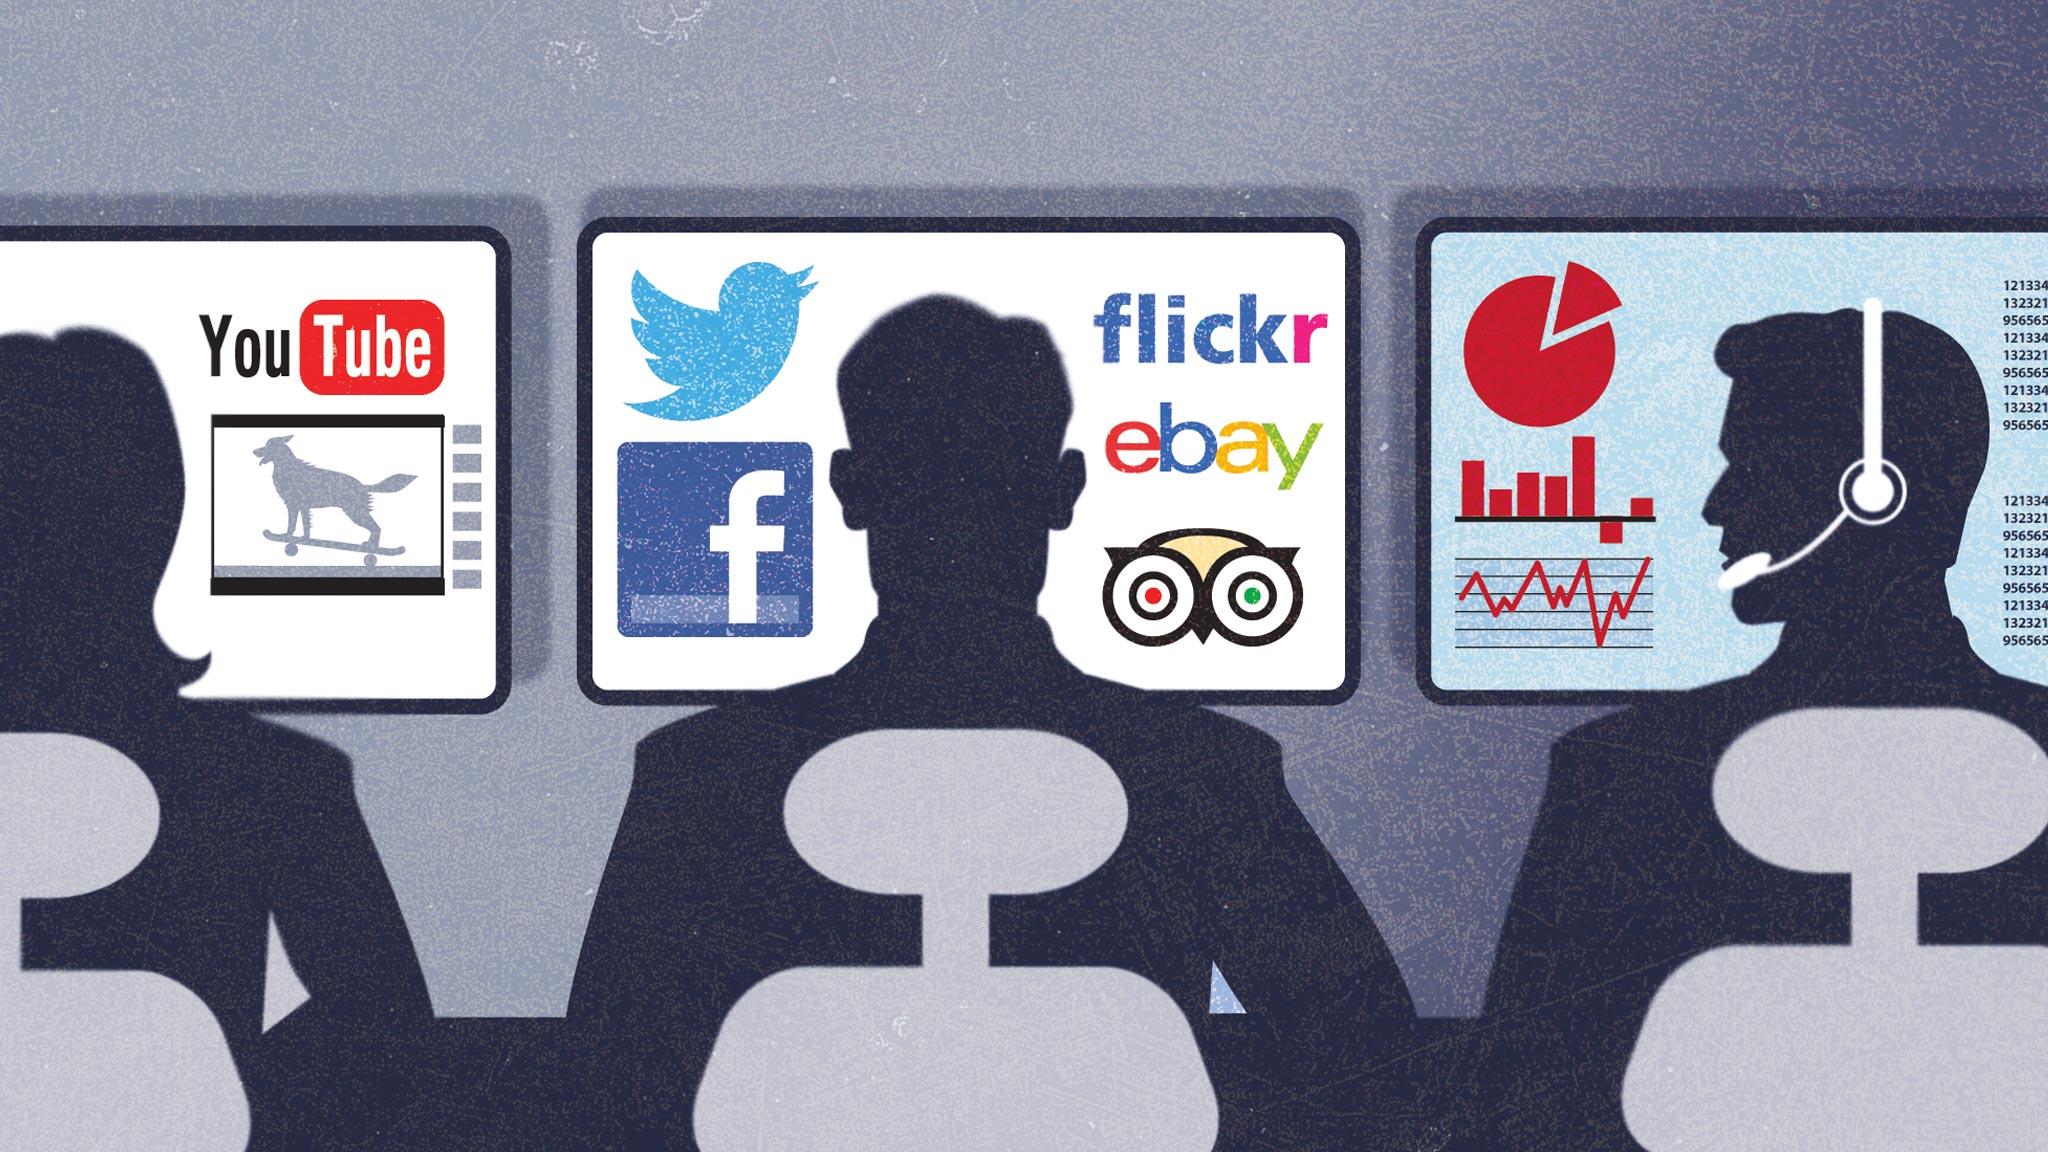 با مفهوم پرسه زنی اینترنتی بیشتر آشنا شویم - معضل این روزهای فضای مجازی ایران